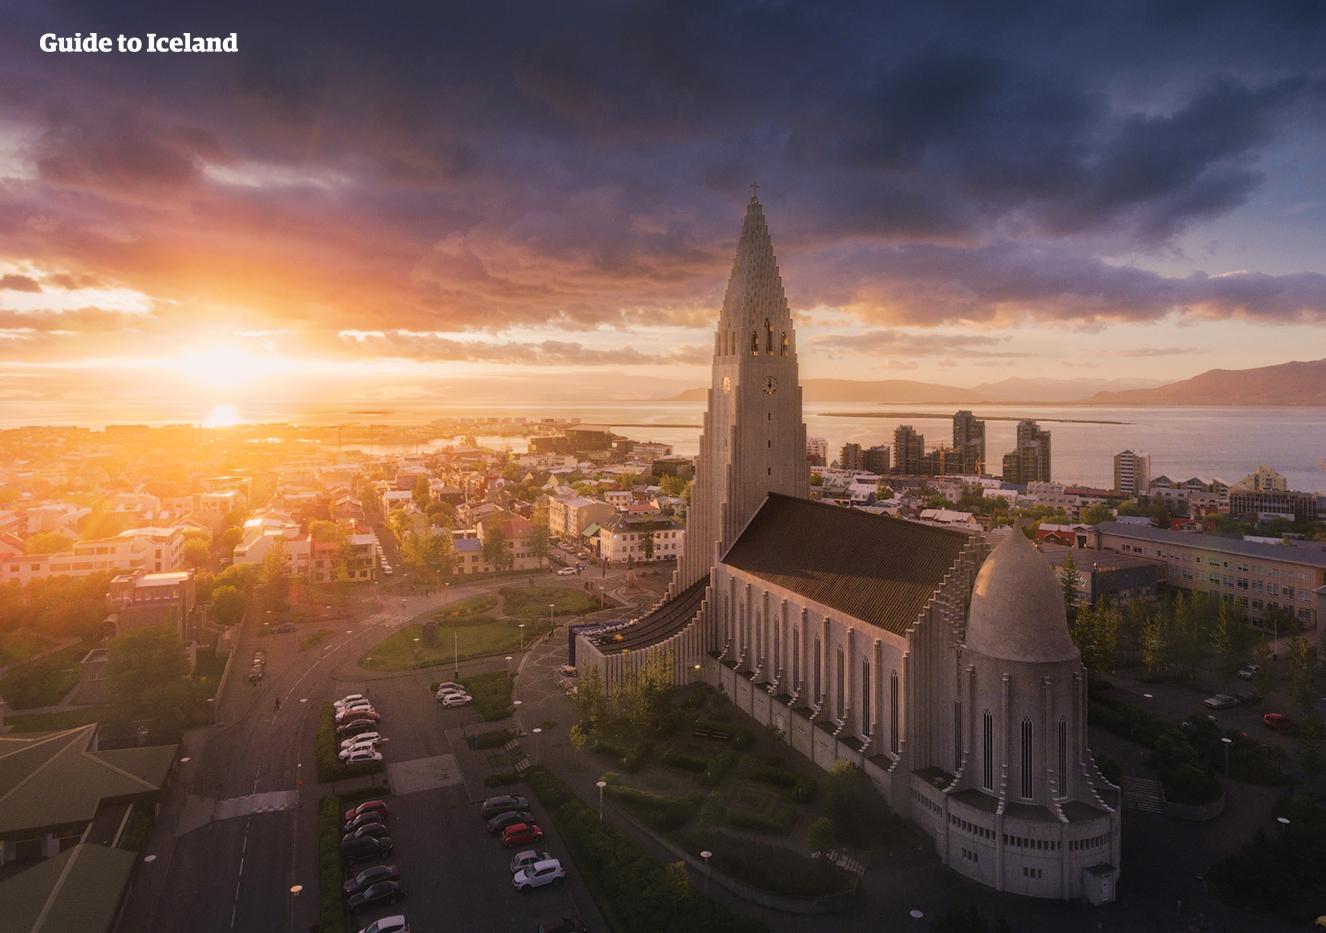 Les toits des maisons islandaises sont de différentes couleurs : un arc-en-ciel vu de haut